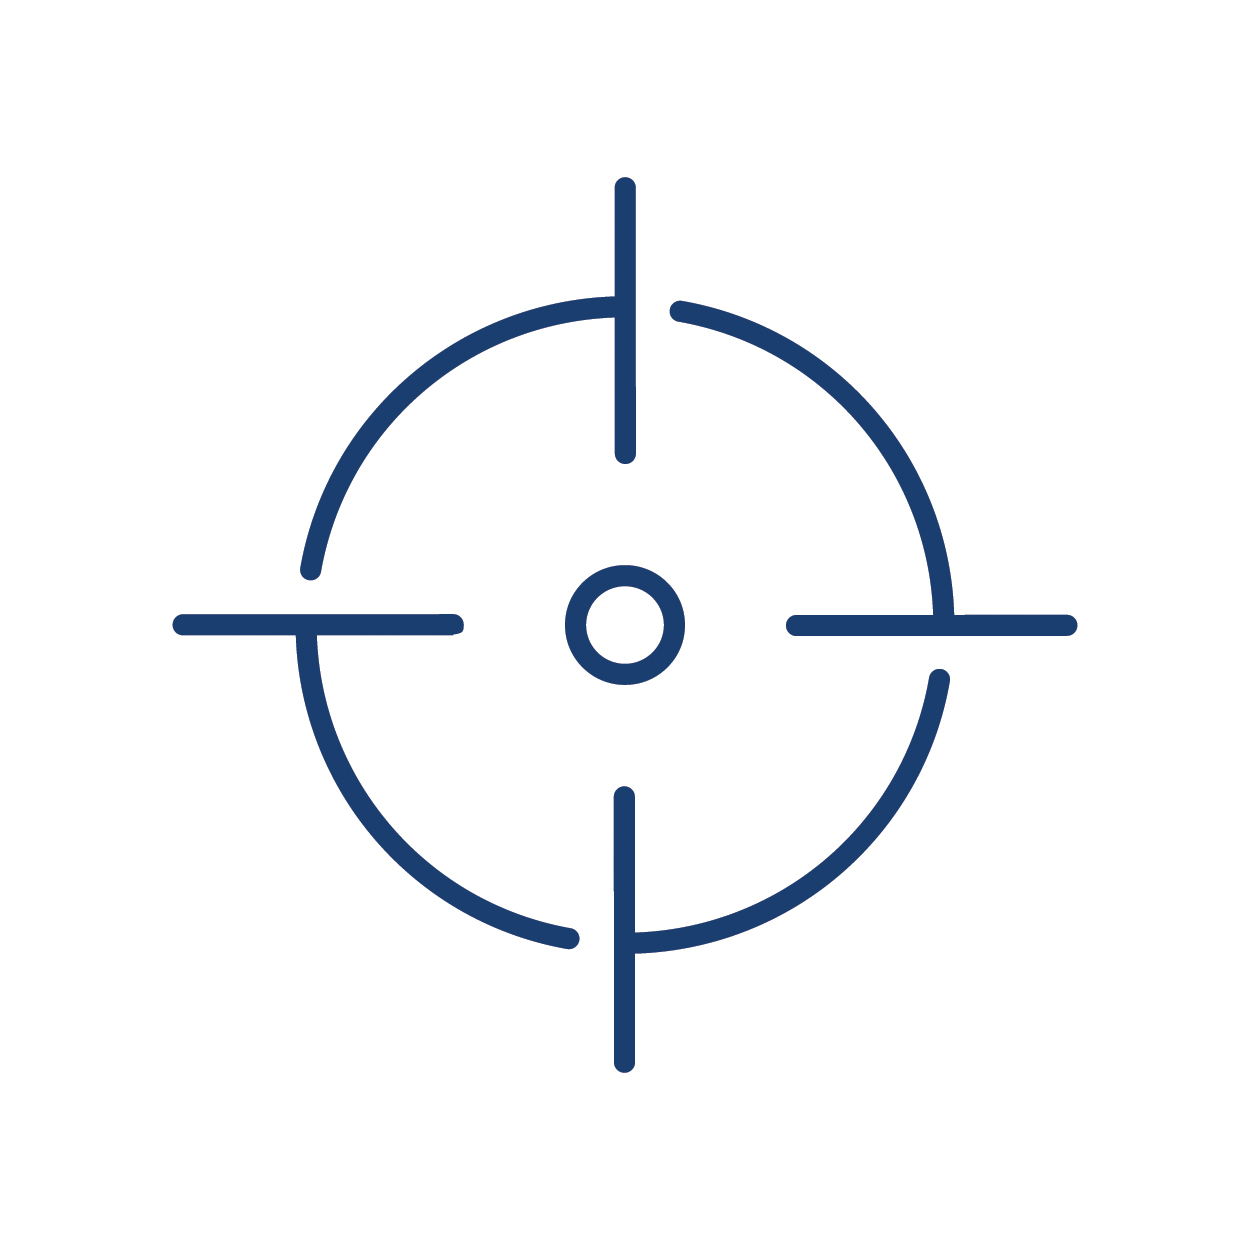 focus-icon